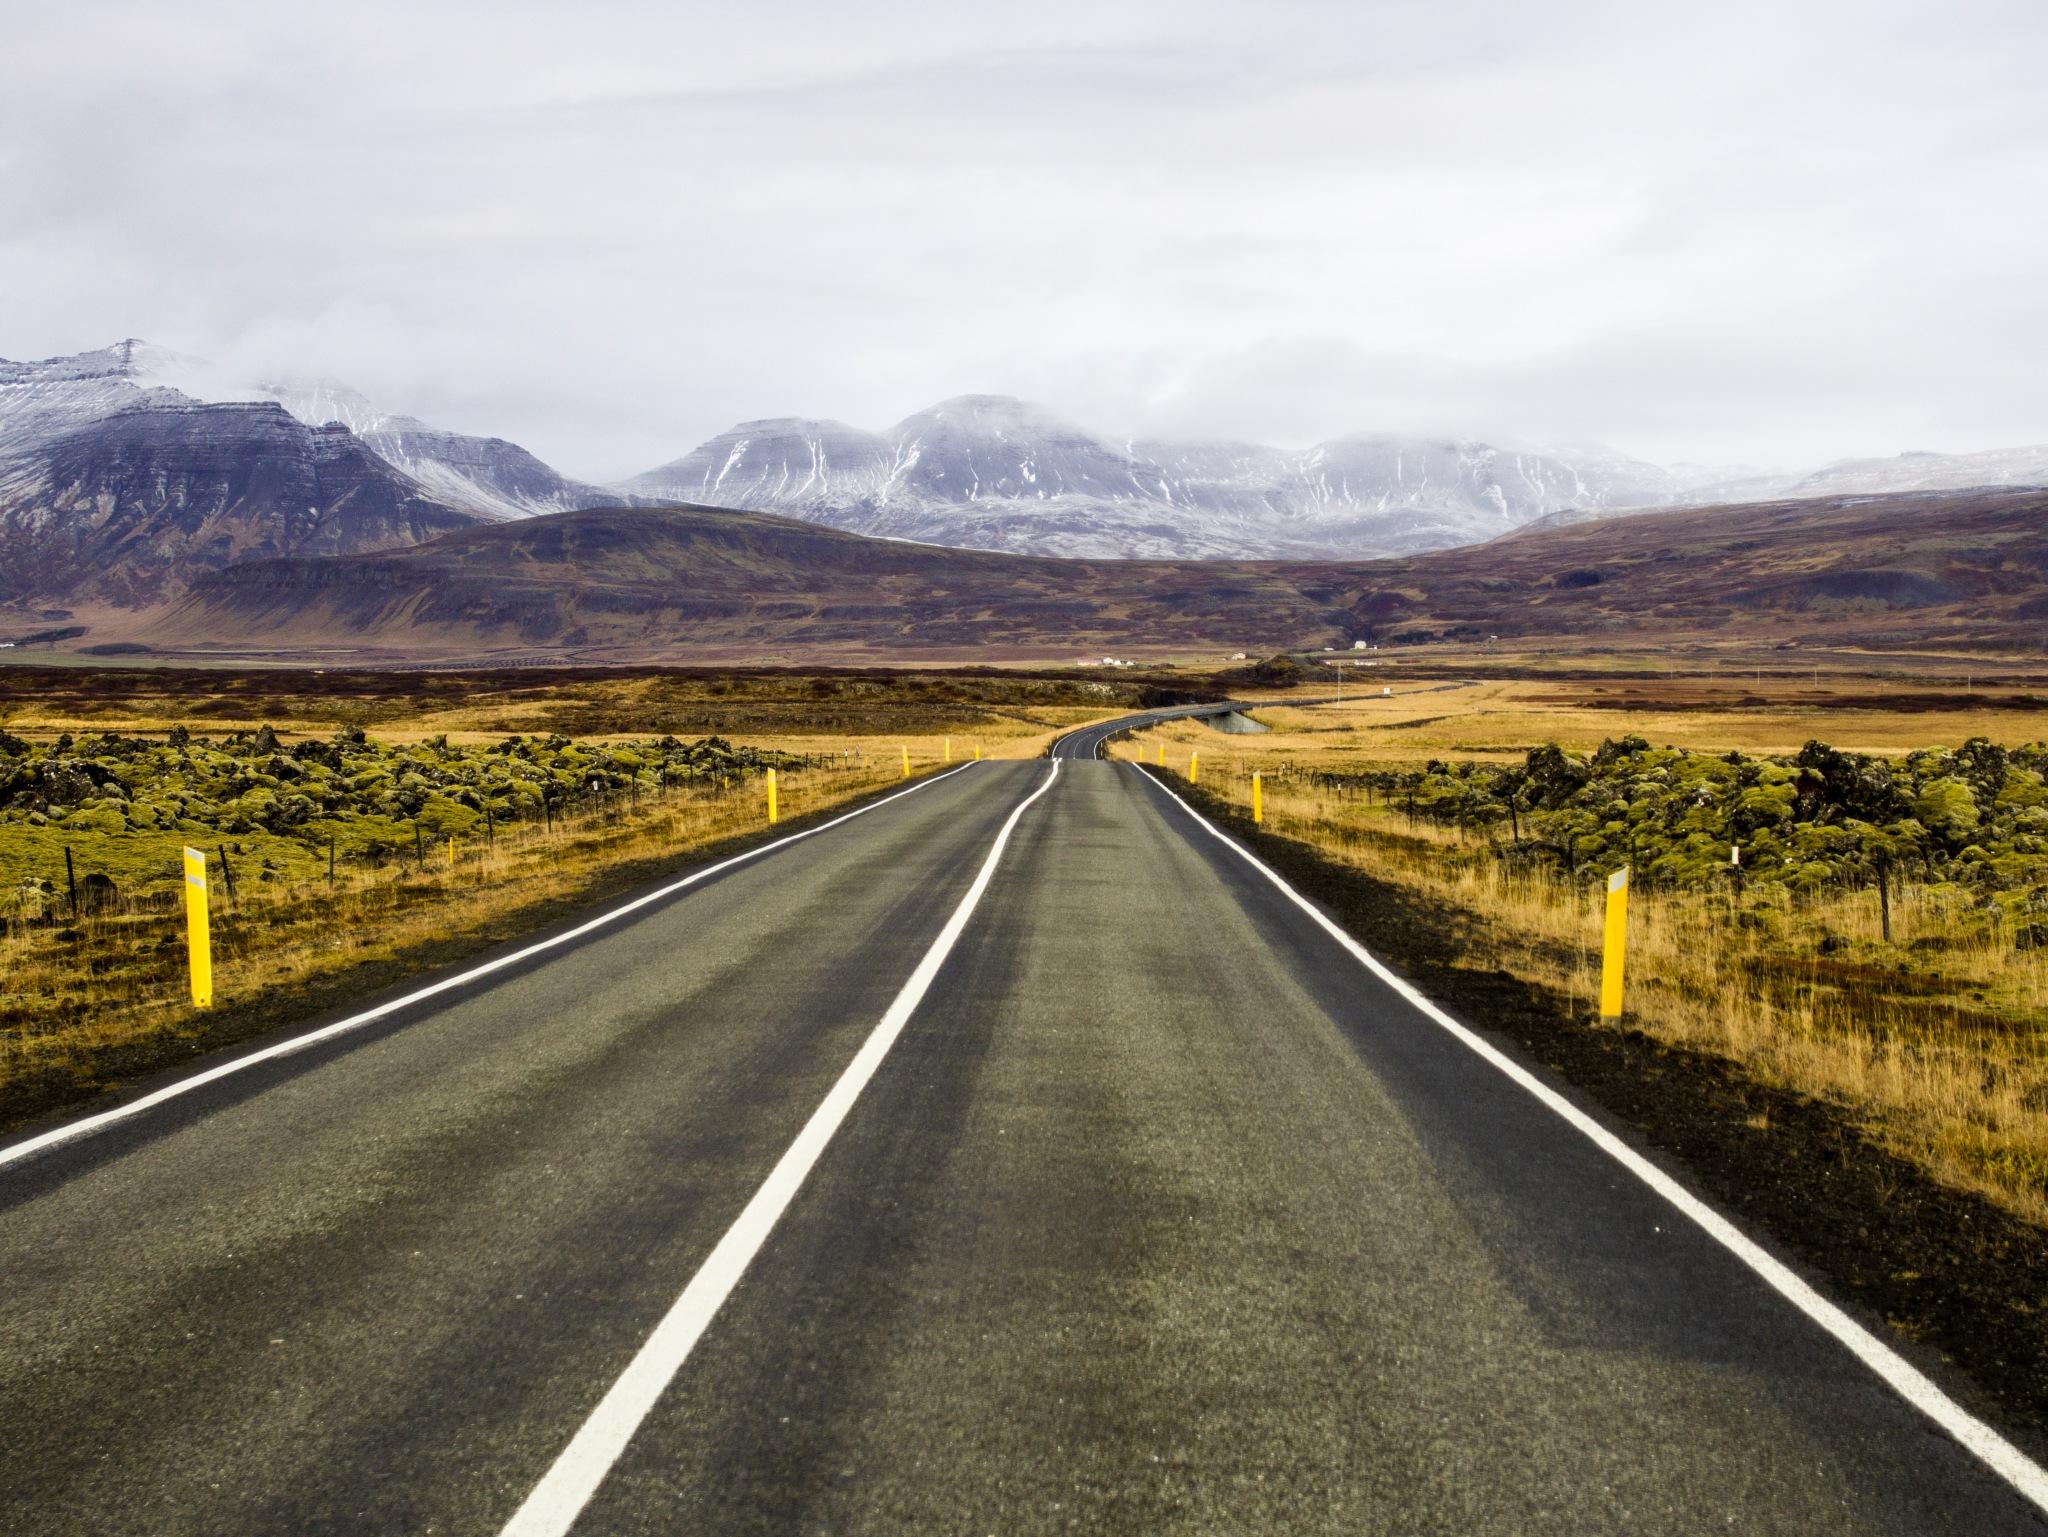 Road to the moutains by Edoardo Salladini